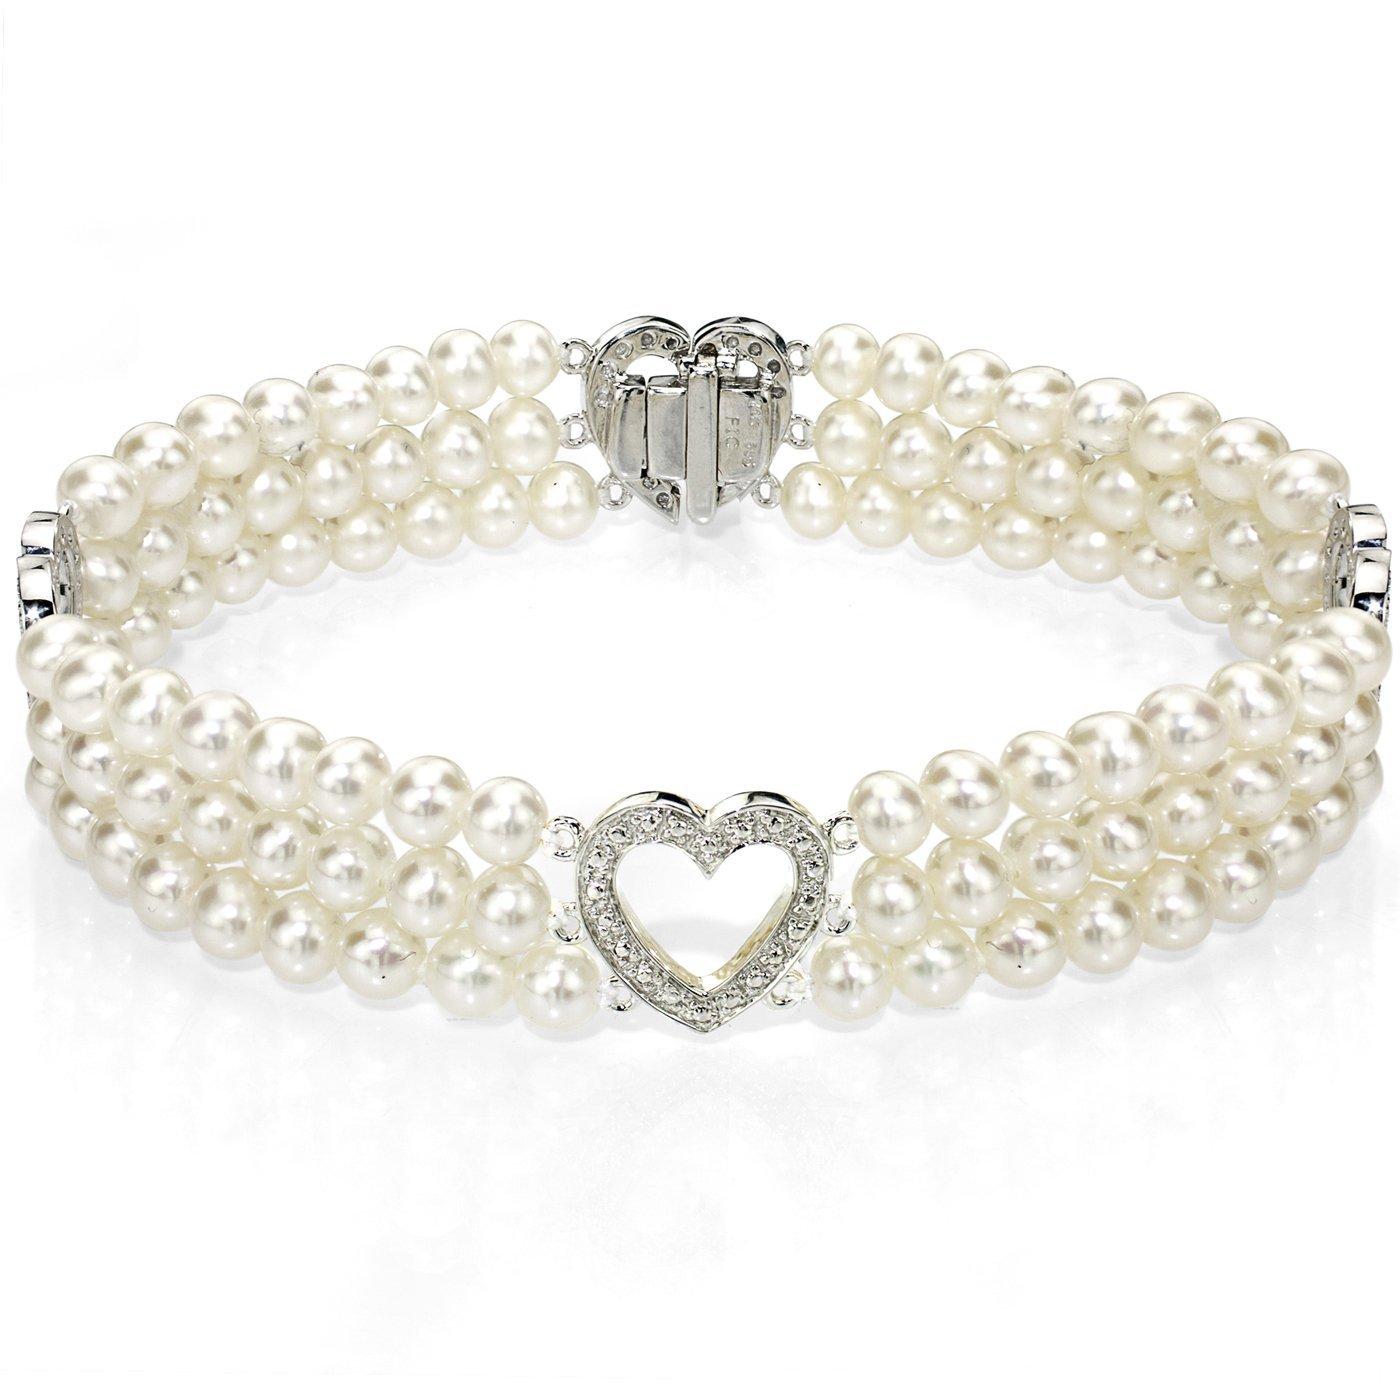 14k White Gold Heart-shape Divider 4-4.5mm White Freshwater Cultured Pearl 3-rows Bracelet, 7''